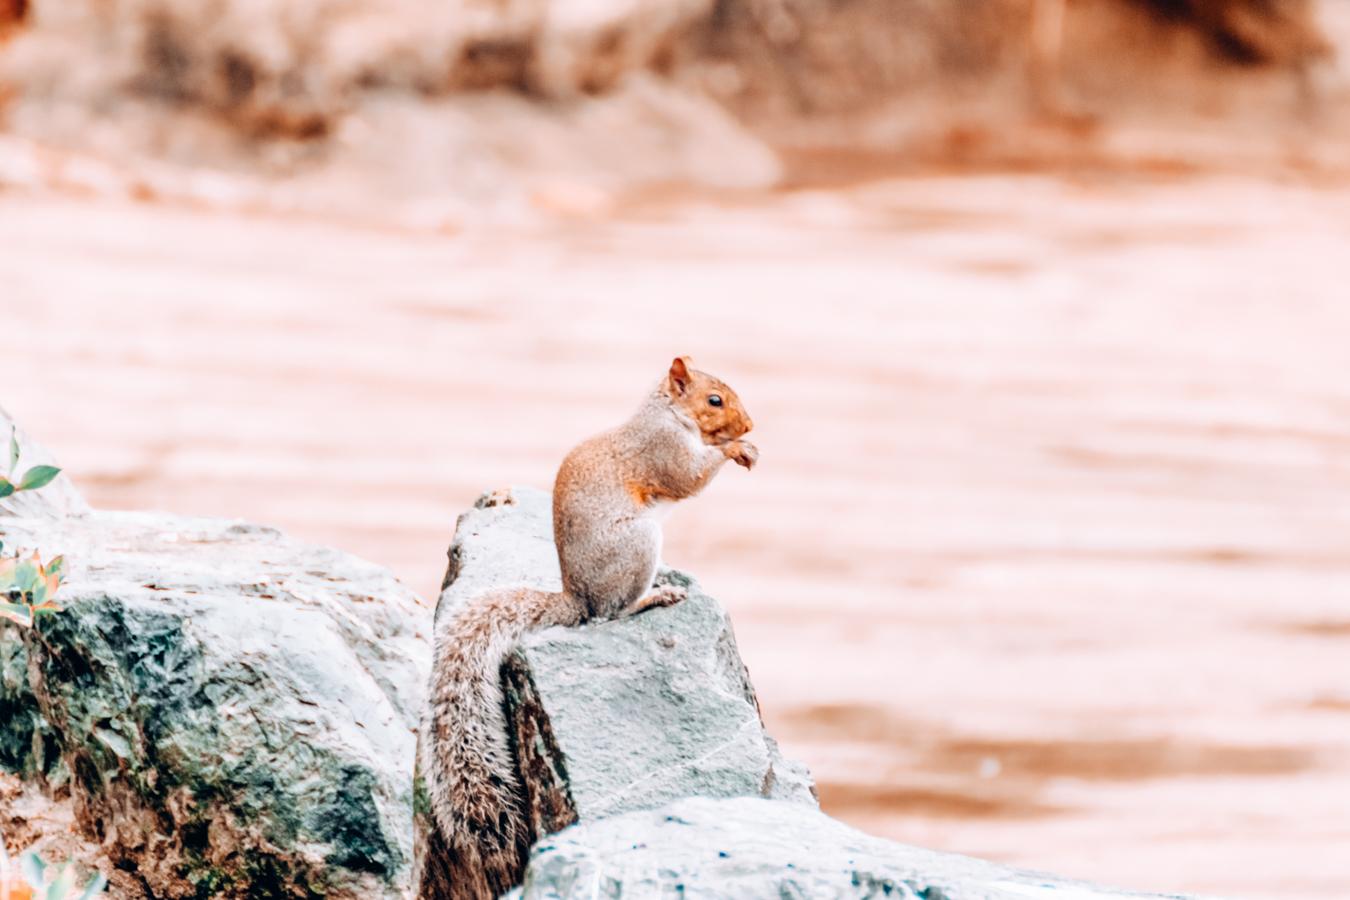 Squirrel in the Japanese Friendship Garden